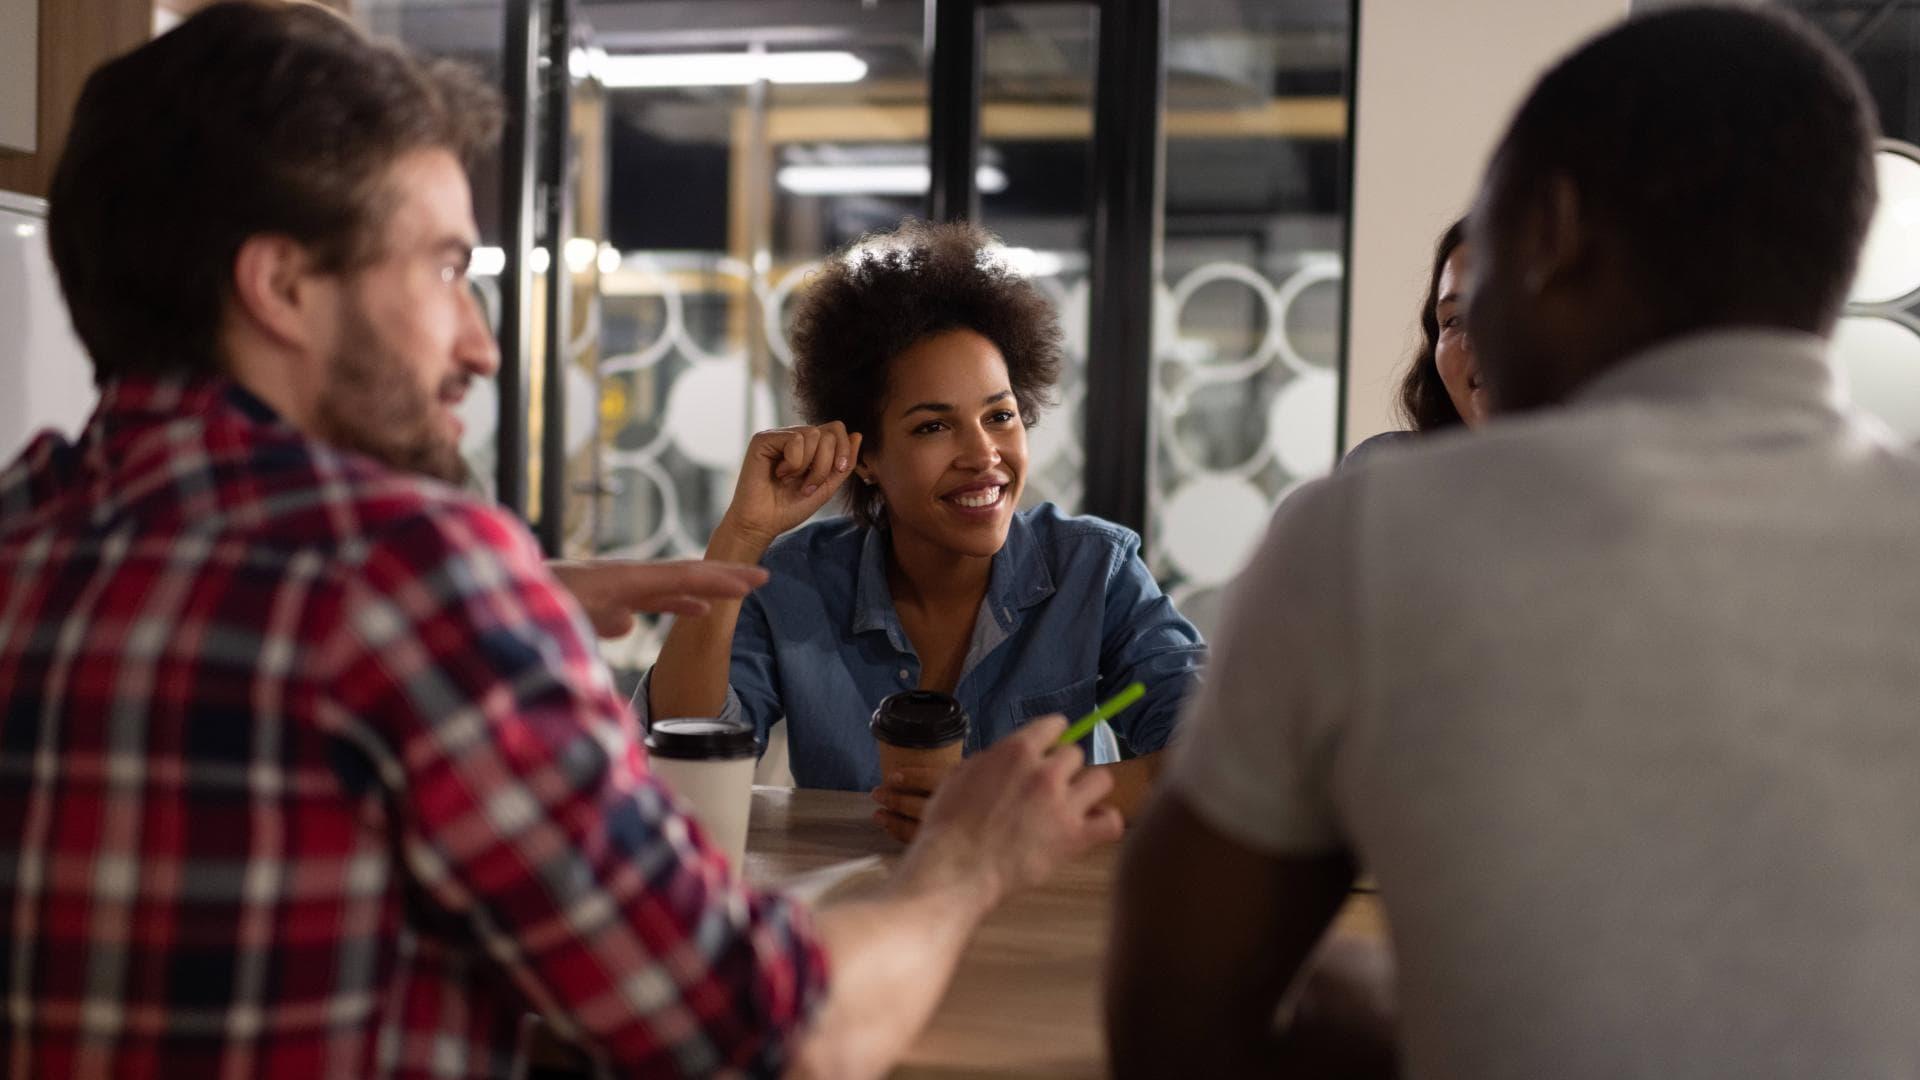 Kollegen frauen männer kaffee arbeit brainstorming